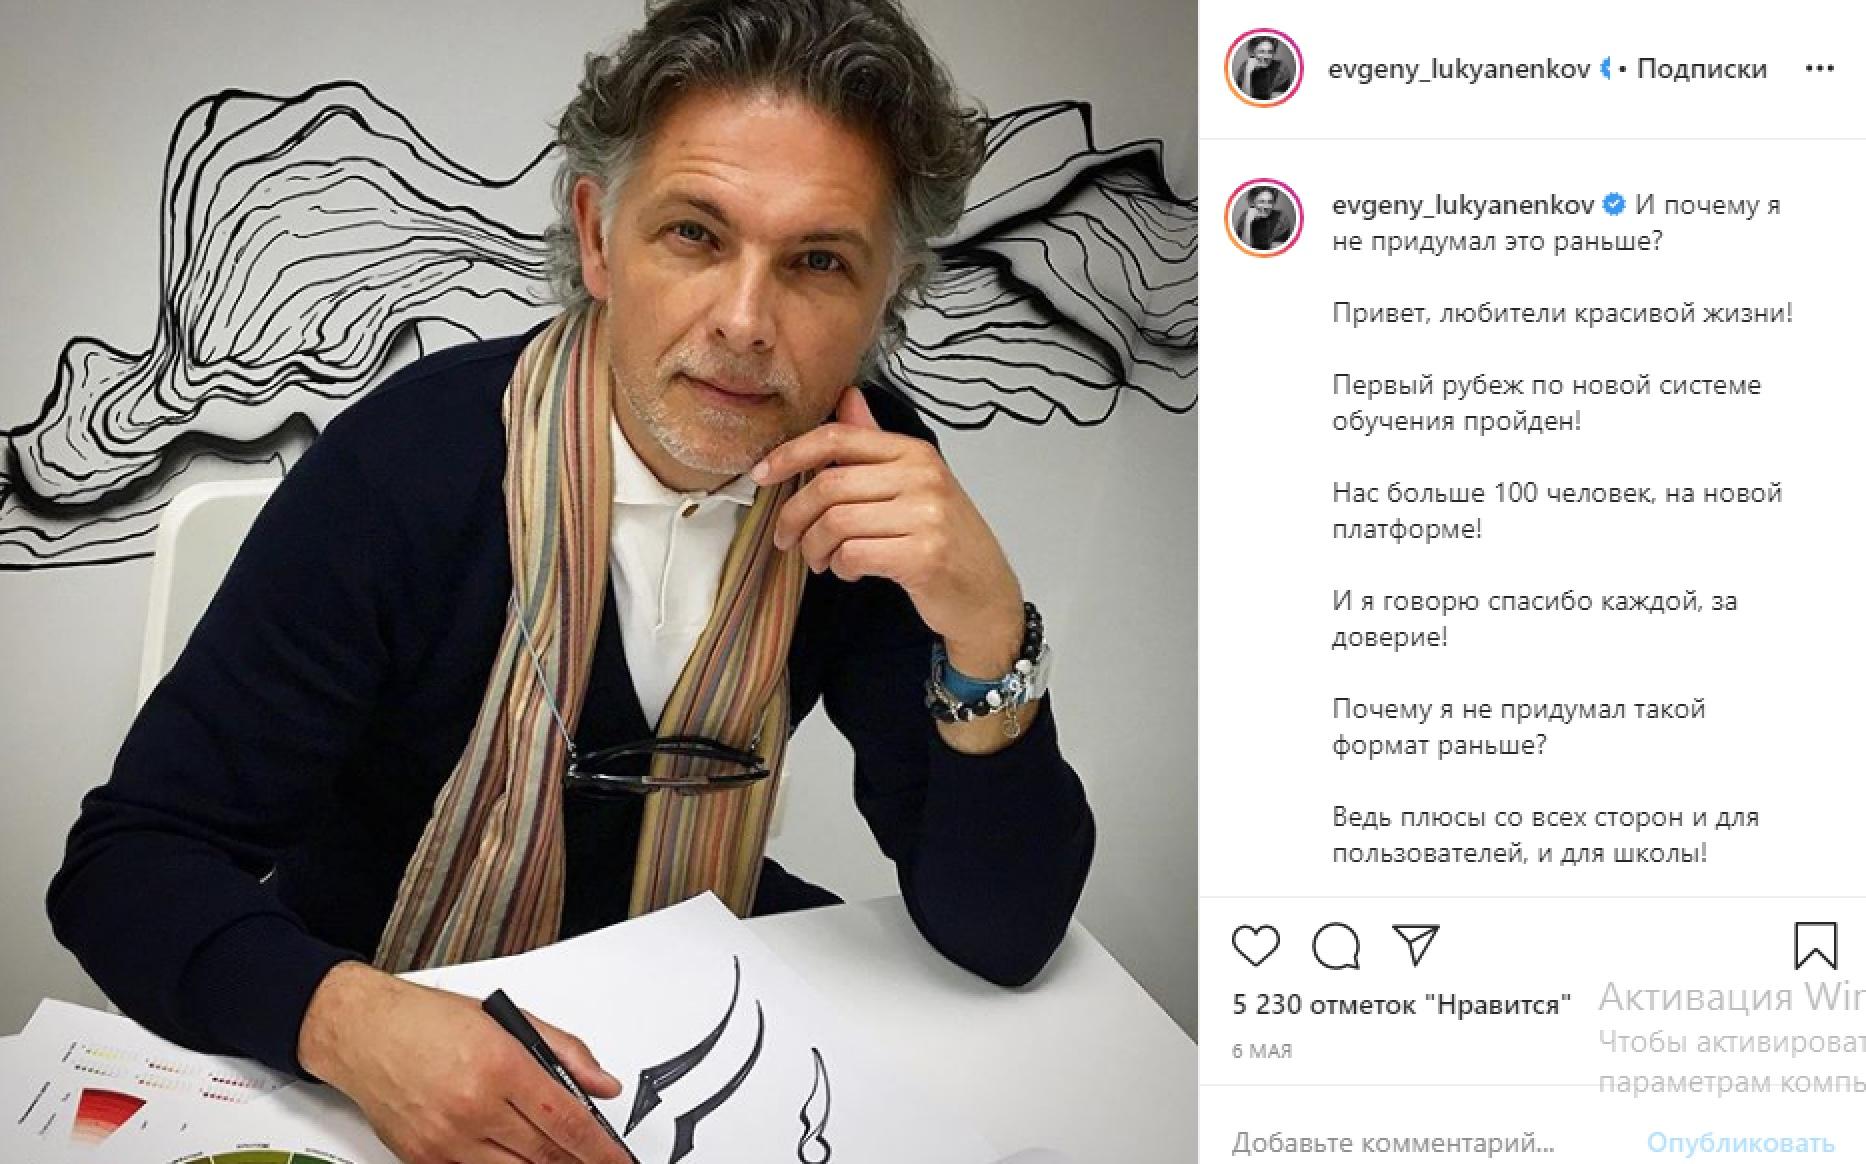 Евгений Лукьяненков